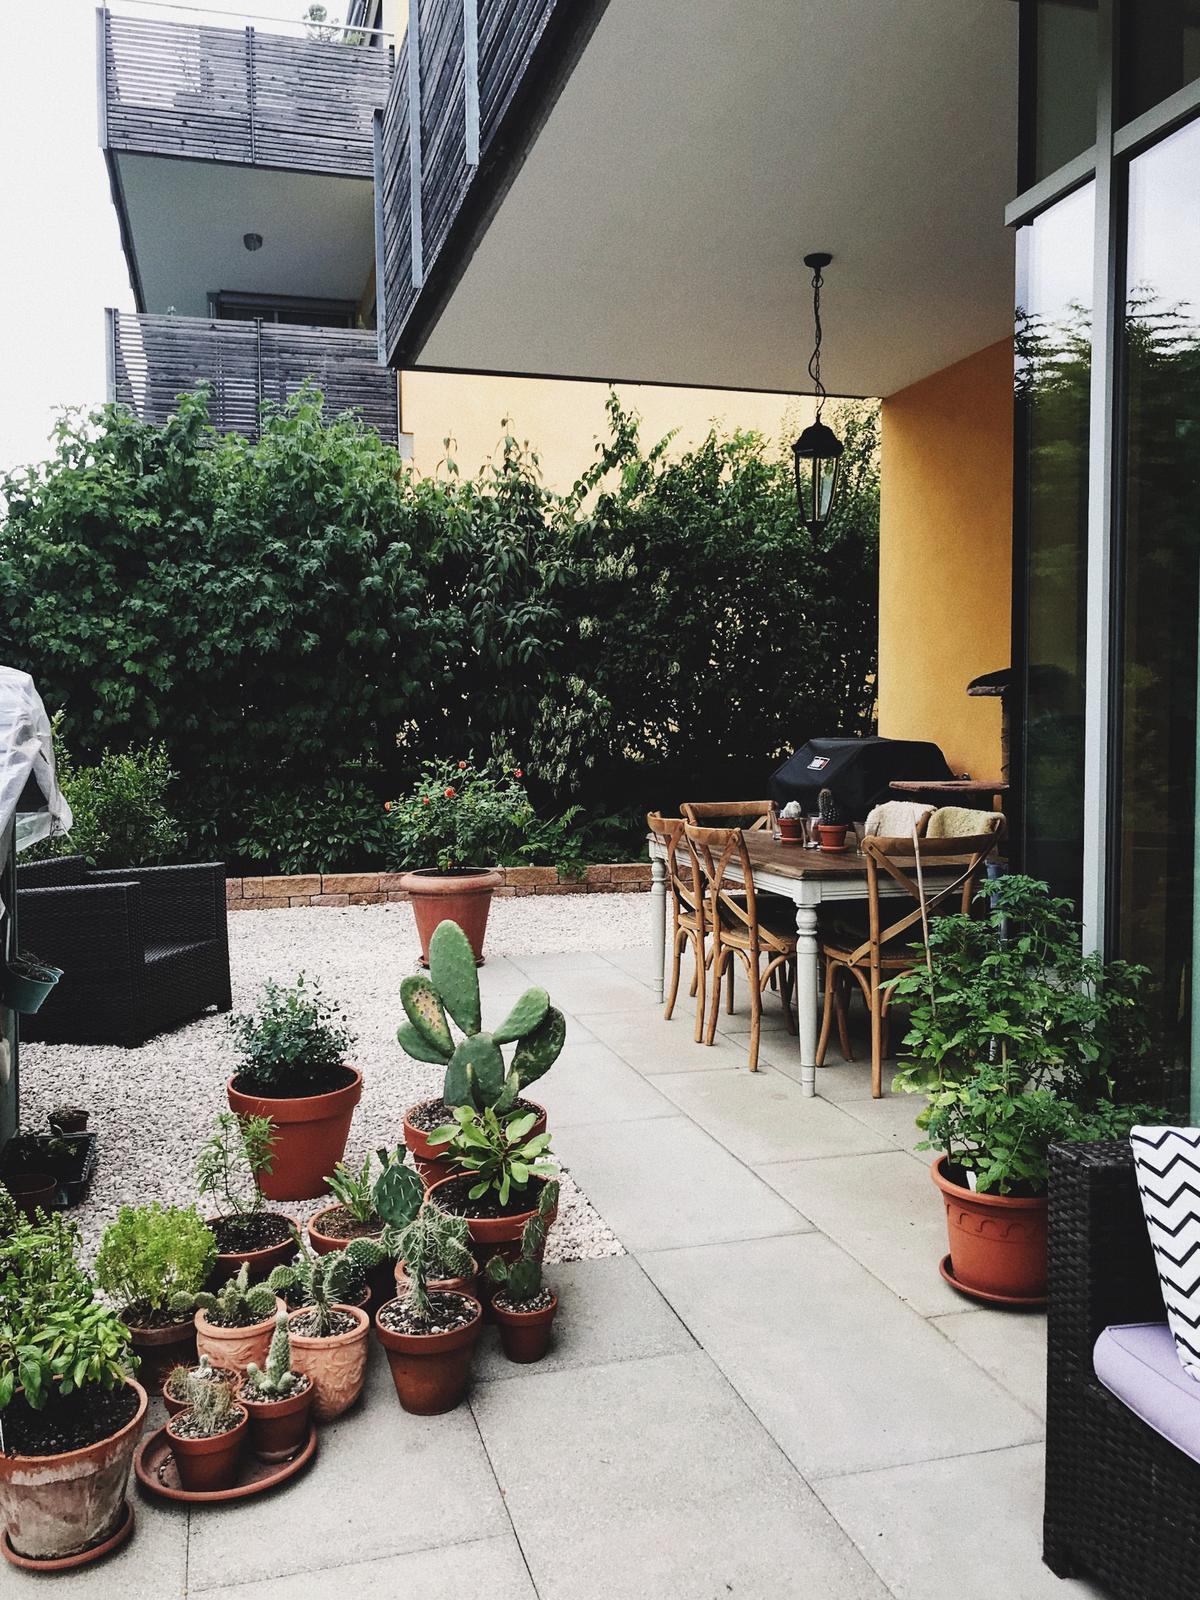 Terasa+ zahrada vzadu.. - Pri murik vysadim hortenzie.. 😍😍😍 nech tam je troska farby..